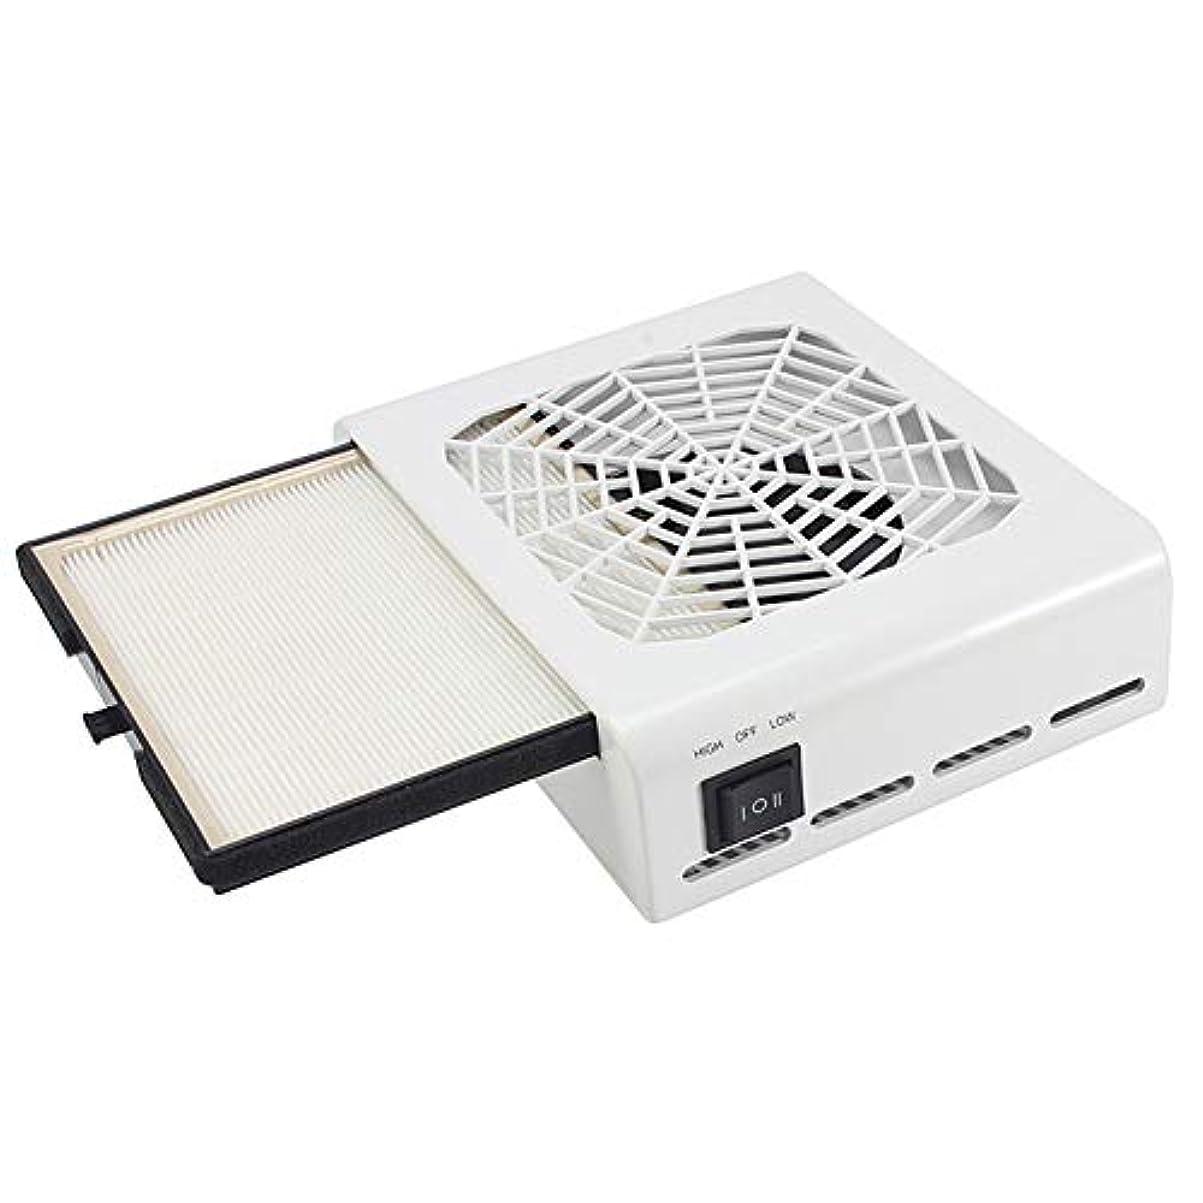 追跡科学吐き出す45W ネイルダストコレクター強力なパワーネイルファンアートサロンサクション集塵機マシン真空クリーナーファンネイルダストサクション